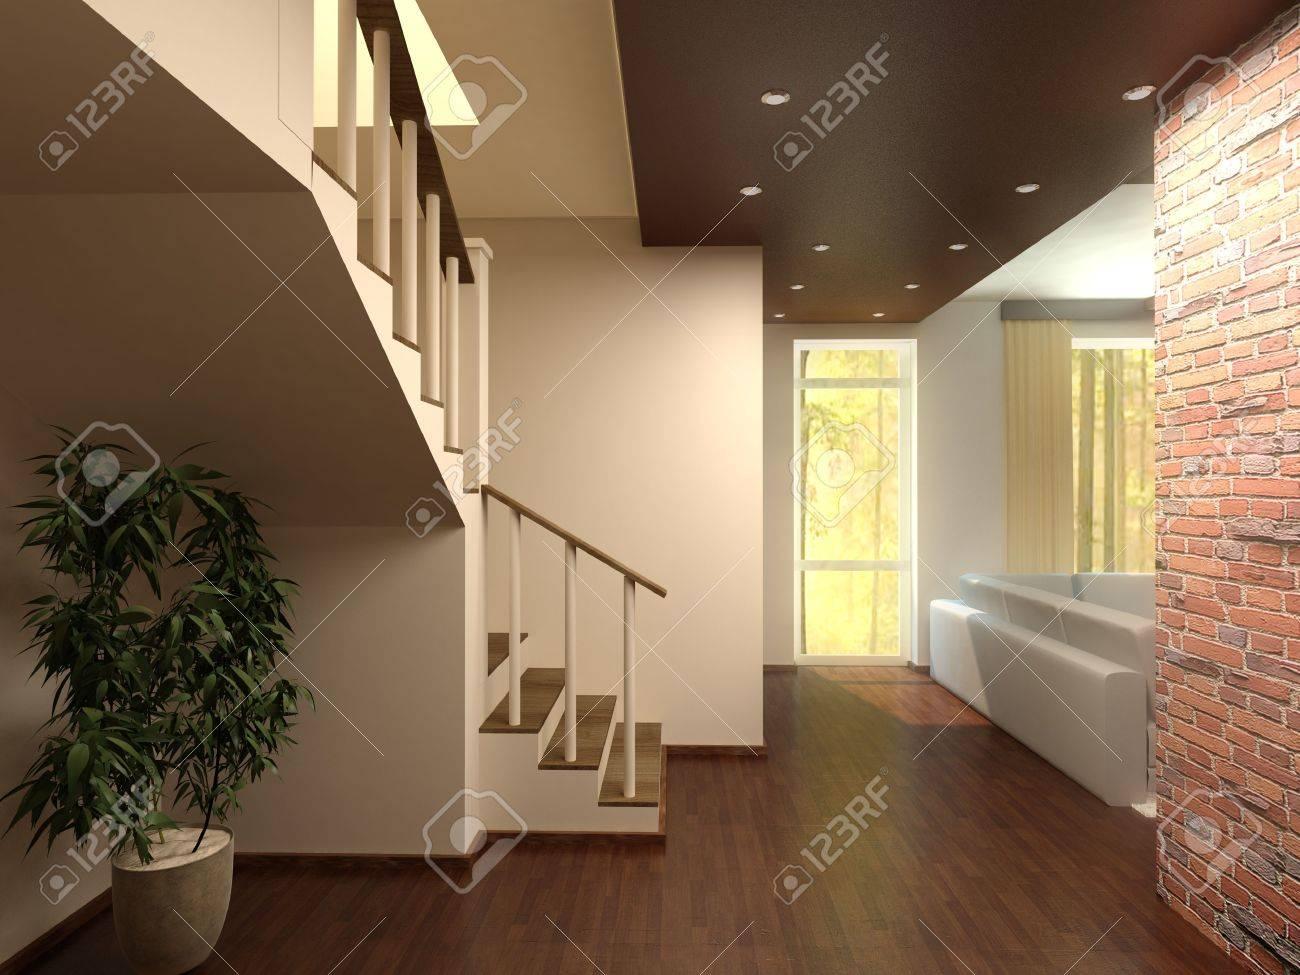 Escaleras Interiores Casas. Ideas Para Decorar Las Escaleras De Tu ...